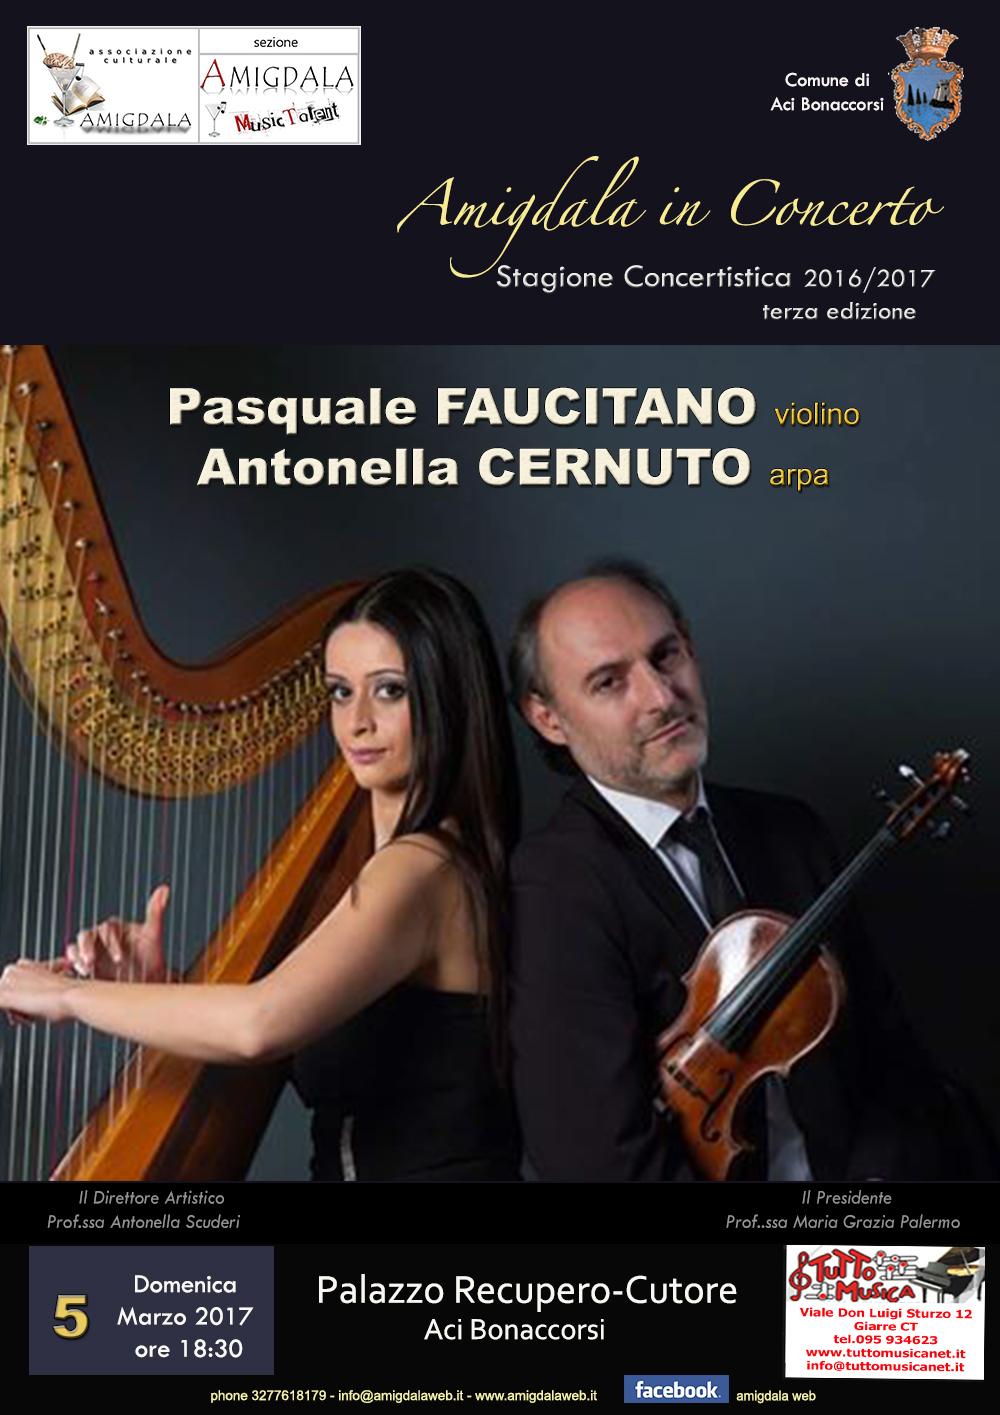 Stagione Concertistica Amigdala. Pasquale Faucitano e Antonella Cernuto in concerto